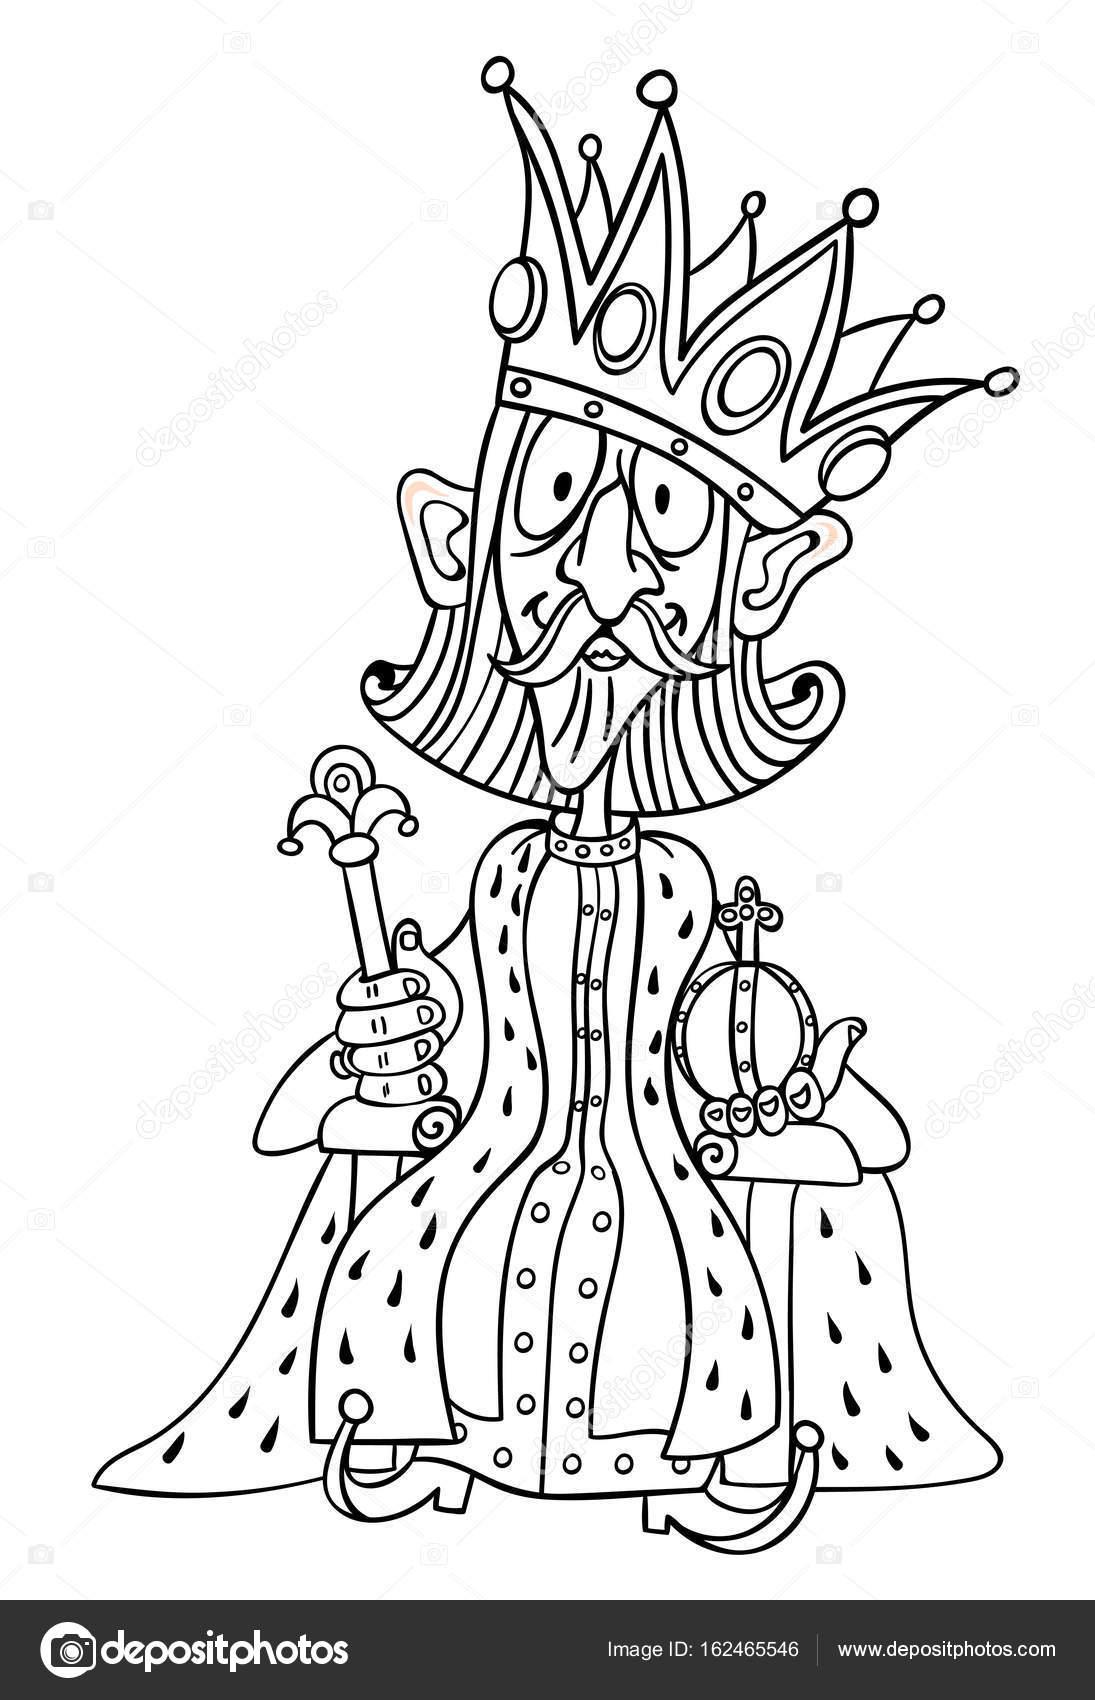 Corona Rey Para Colorear Caricatura Del Rey Con La Enorme Corona